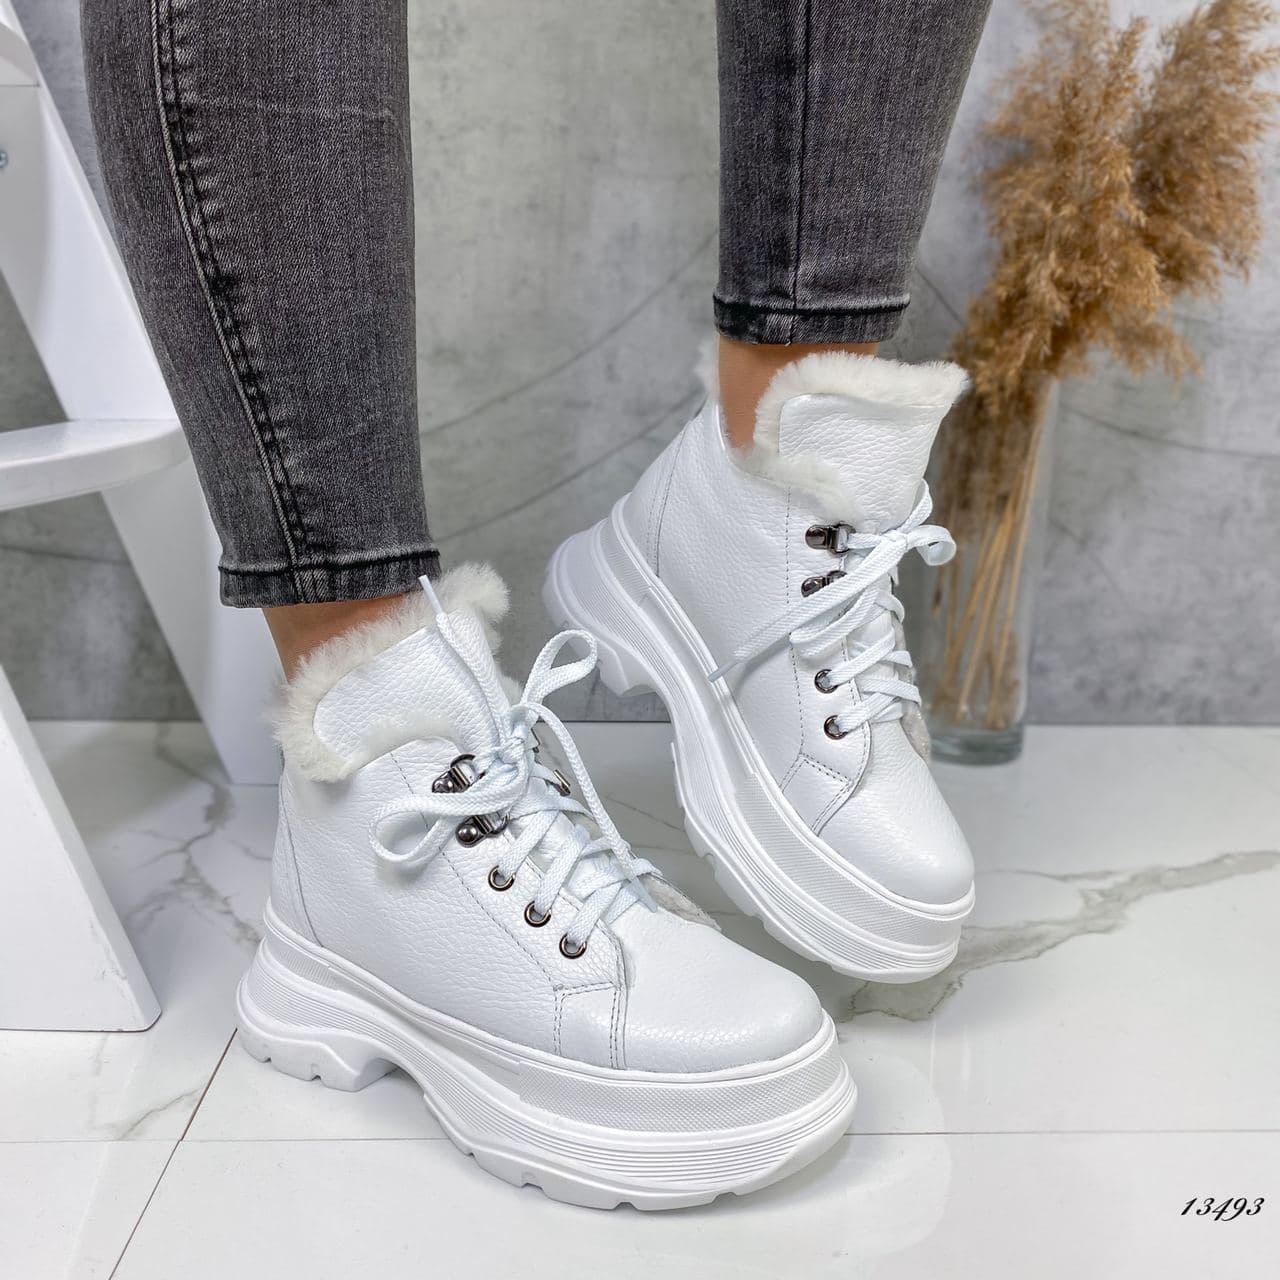 Ботинки женские кожаные на меху белые